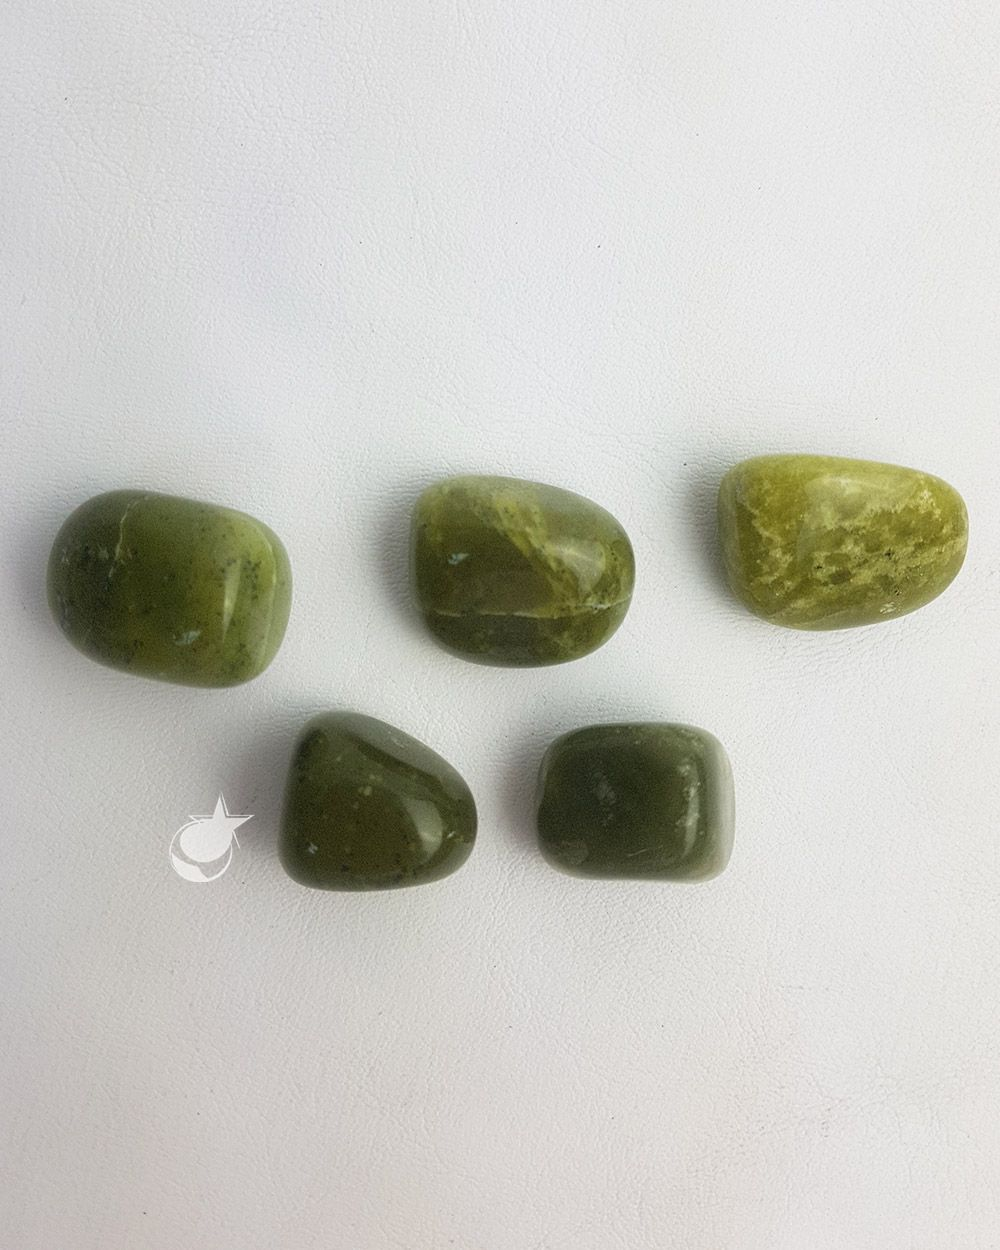 JADE VERDE OLIVA ROLADO - UNIDADE - Média de 1 a 2 cm (4 a 6 g)